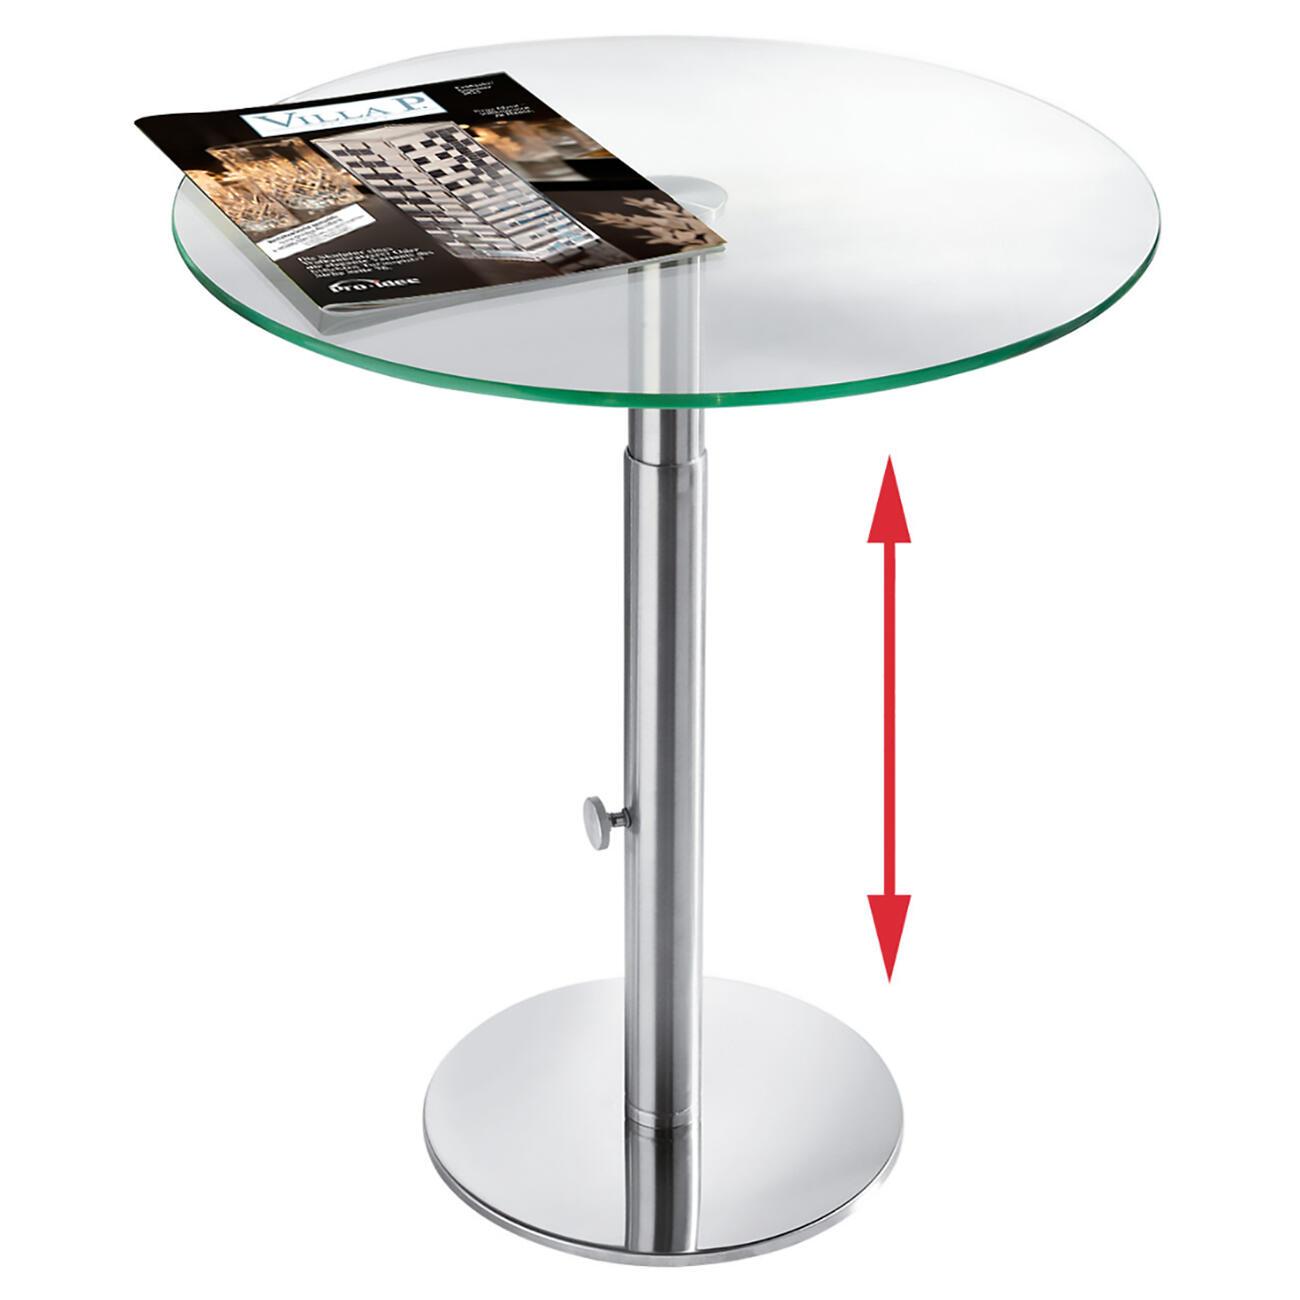 der perfekte beistelltisch edles design fr unzhlige gelegenheiten und jedes ambiente - Glasbeistelltisch